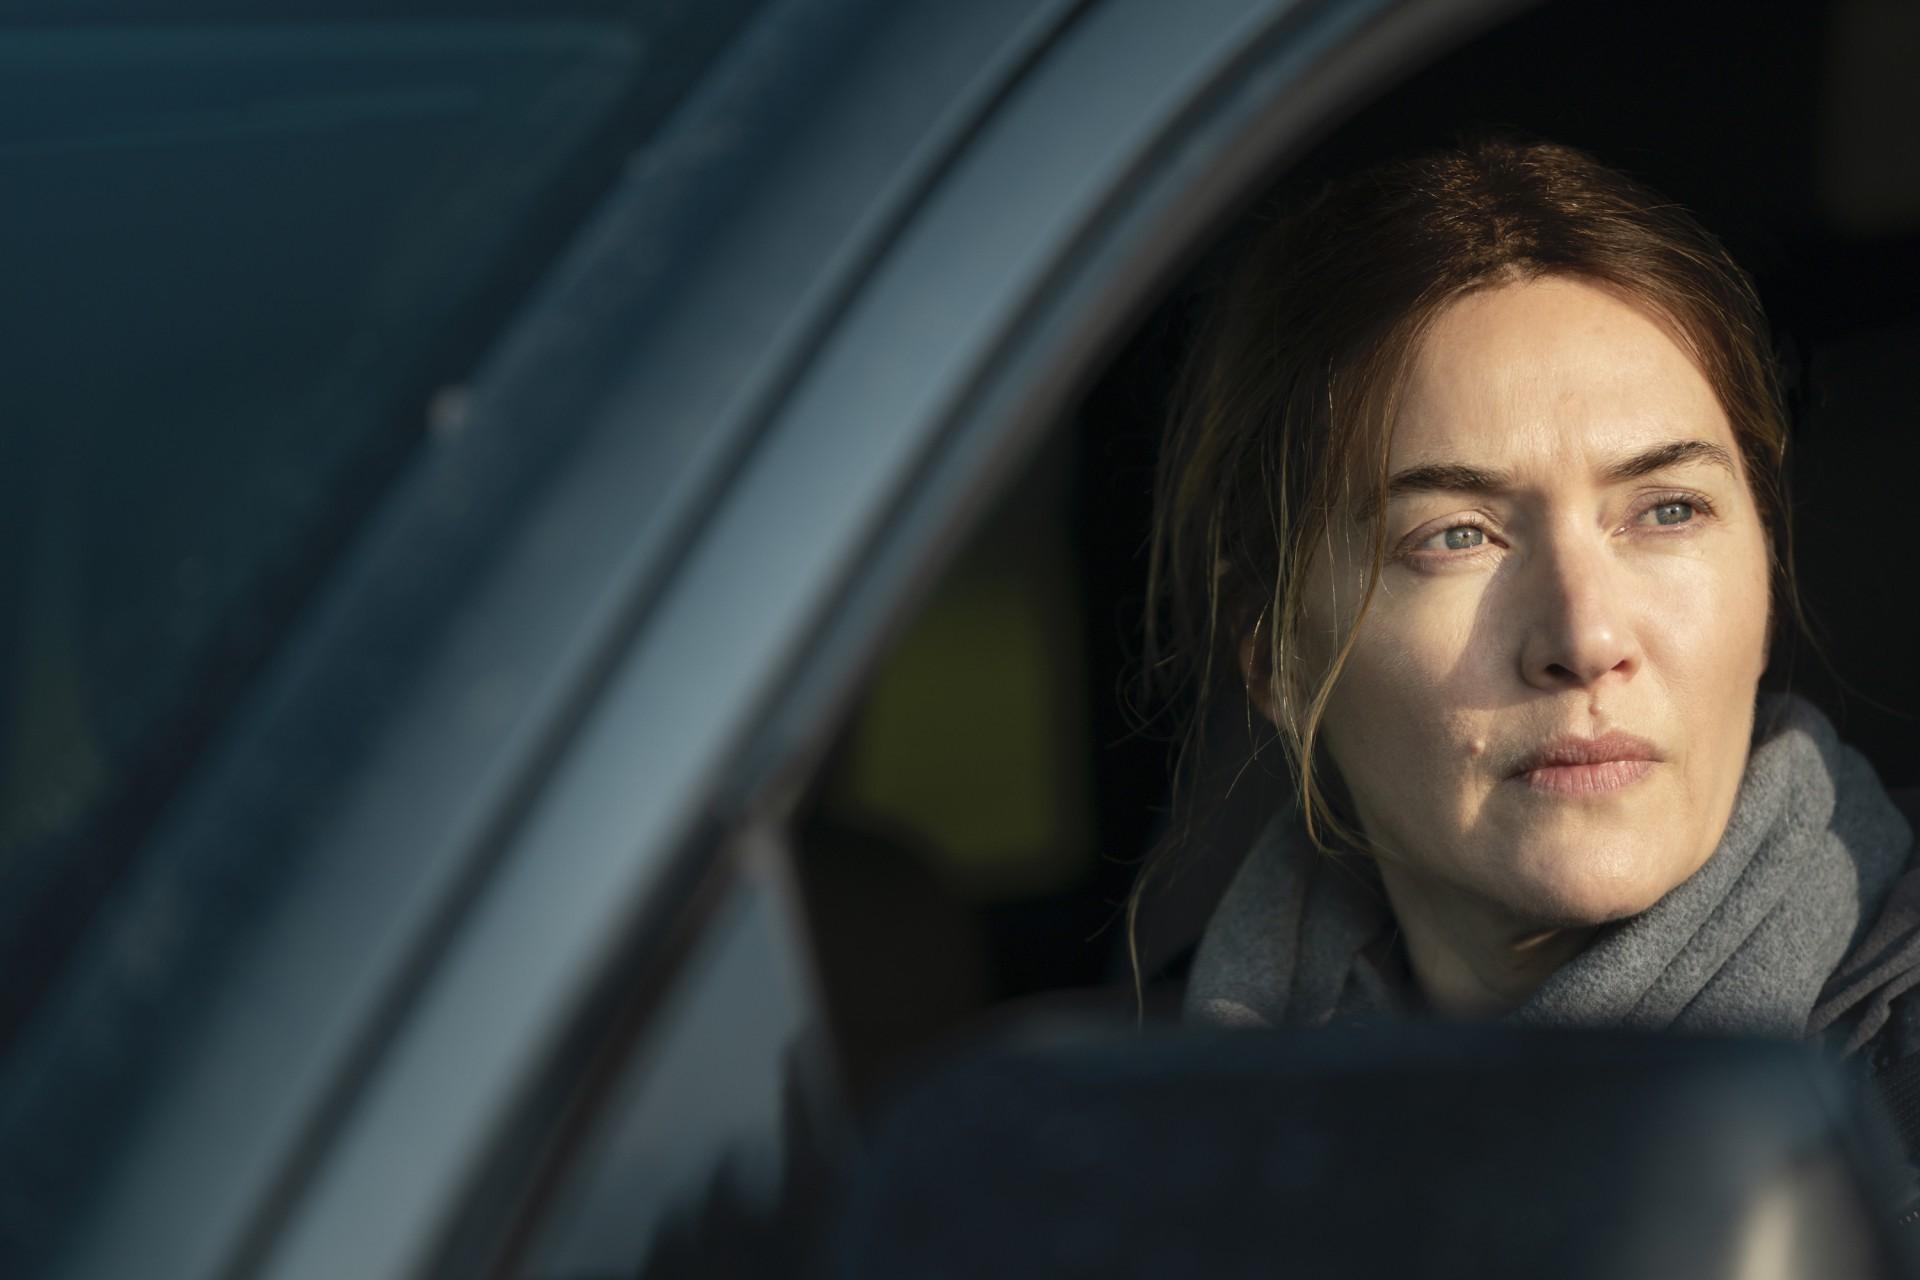 (Foto: HBO / divulgação)A detetive Mare Sheehan (Kate Winslet) tenta evitar que sua vida se despedace enquanto trabalha na investigação de um assassinato em uma pequena cidade da Pensilvânia